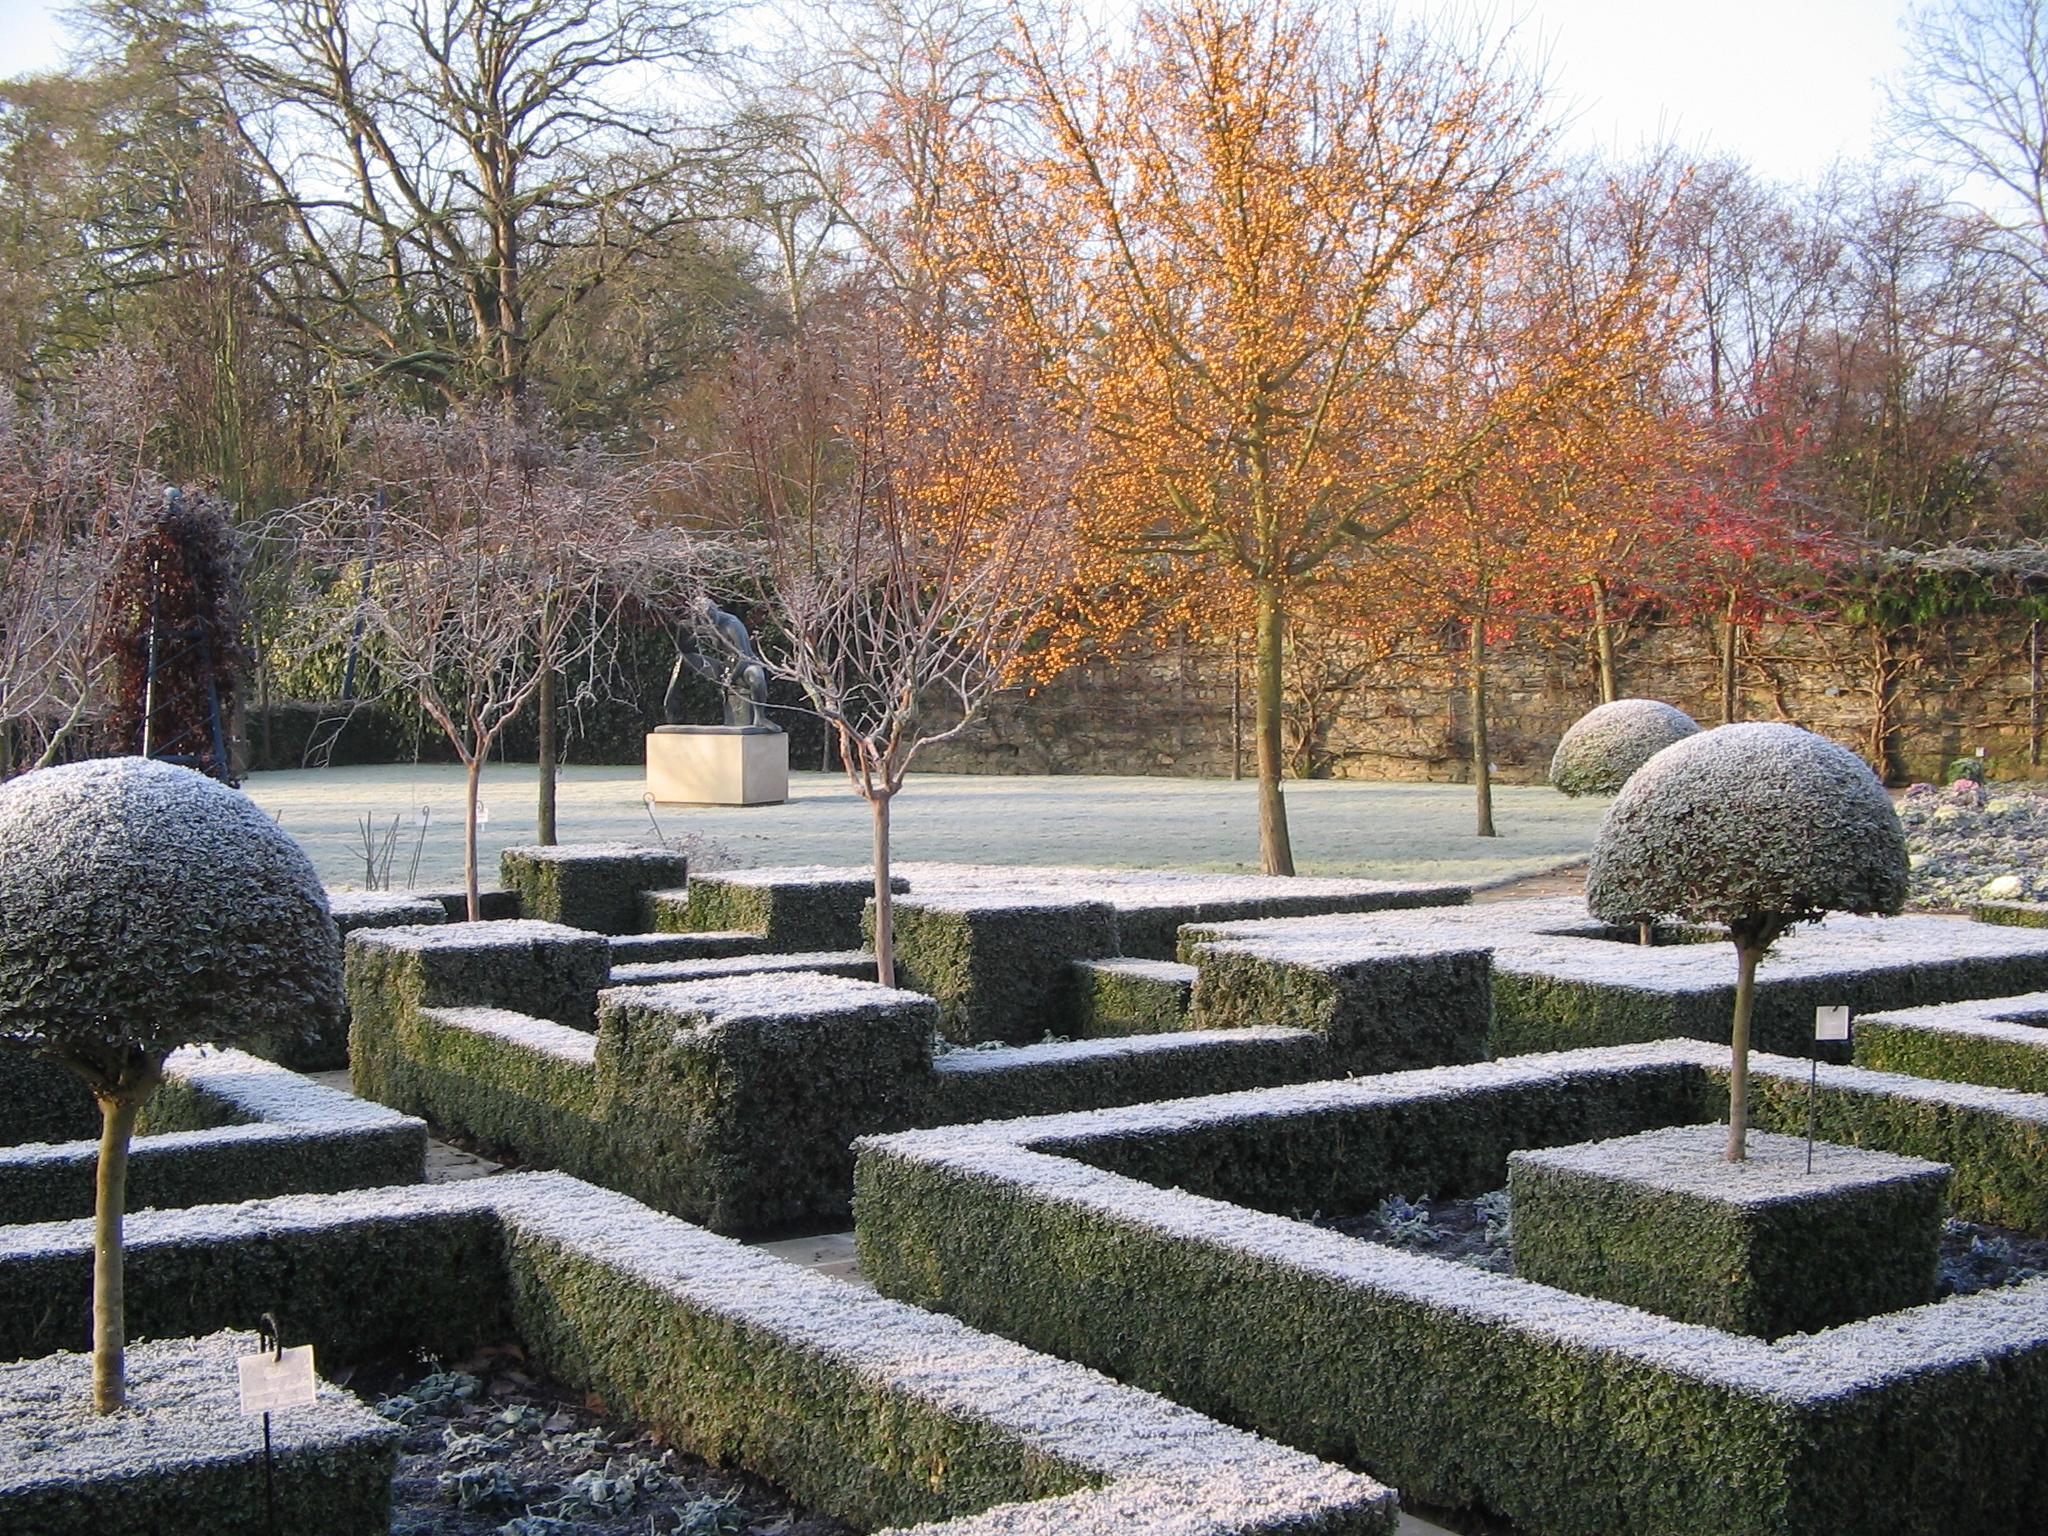 Les jardins de l'arboretum en hiver